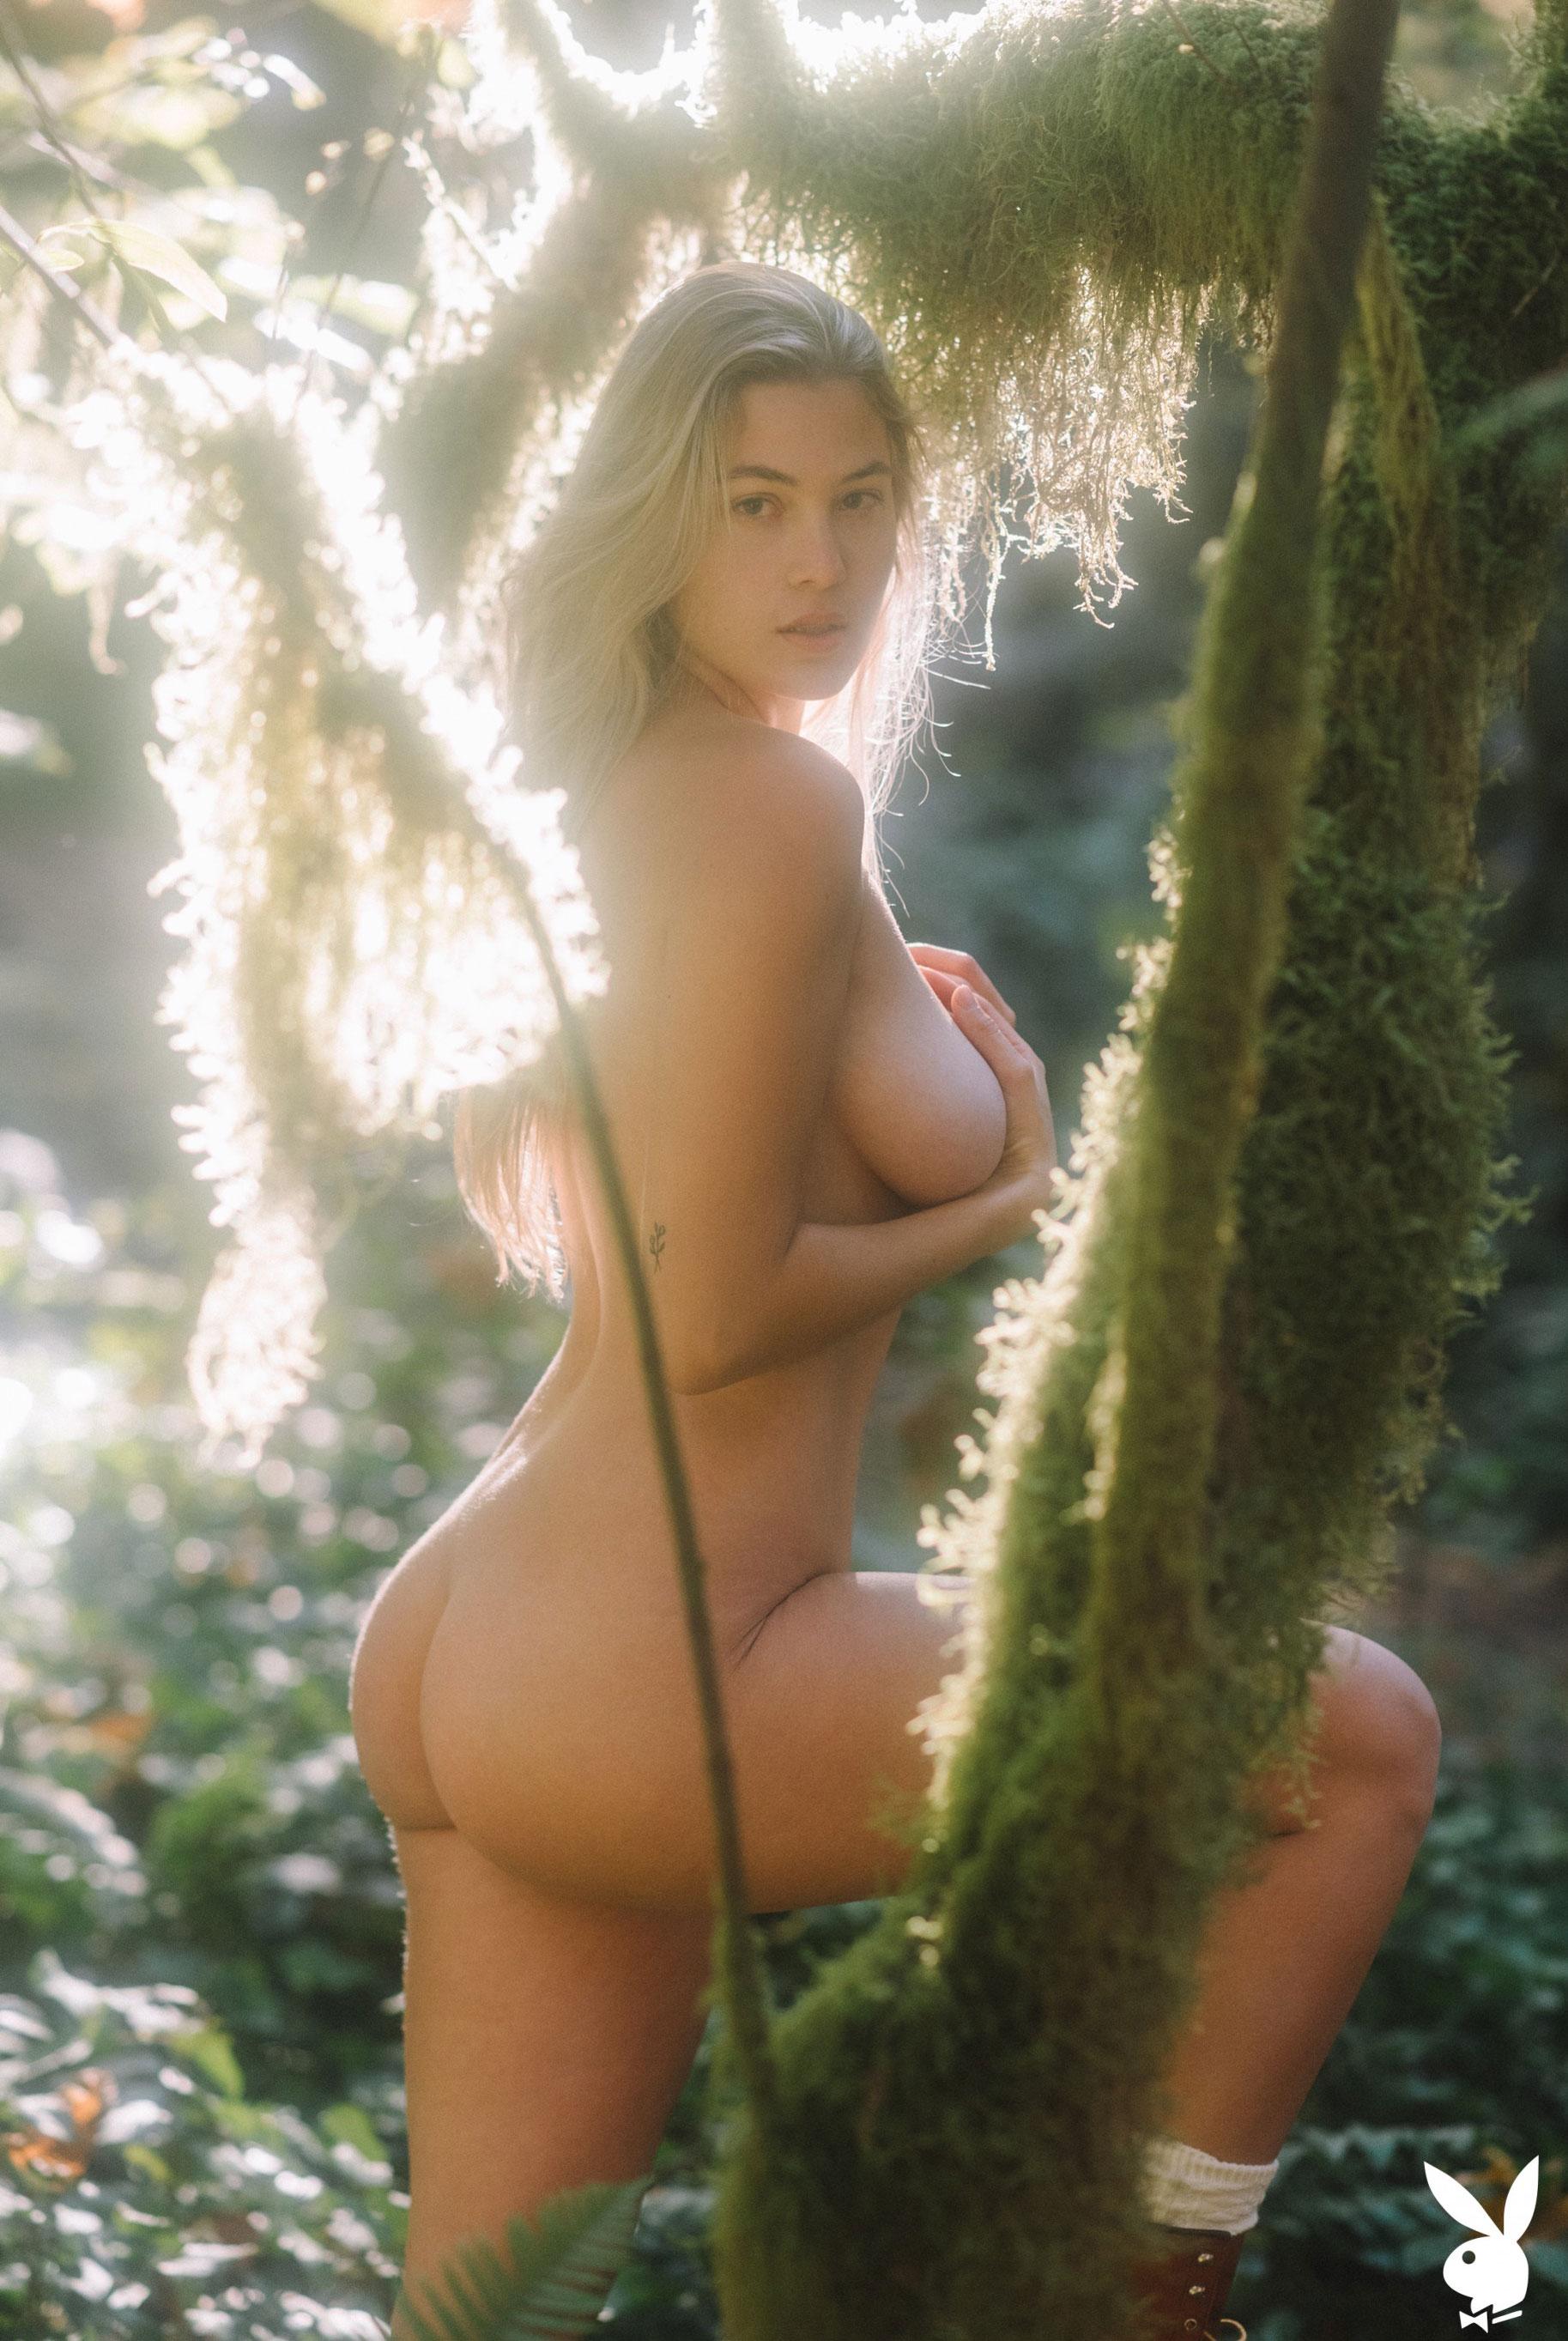 Меган Мур - Девушка месяца февраль 2019 Playboy США / фото 05